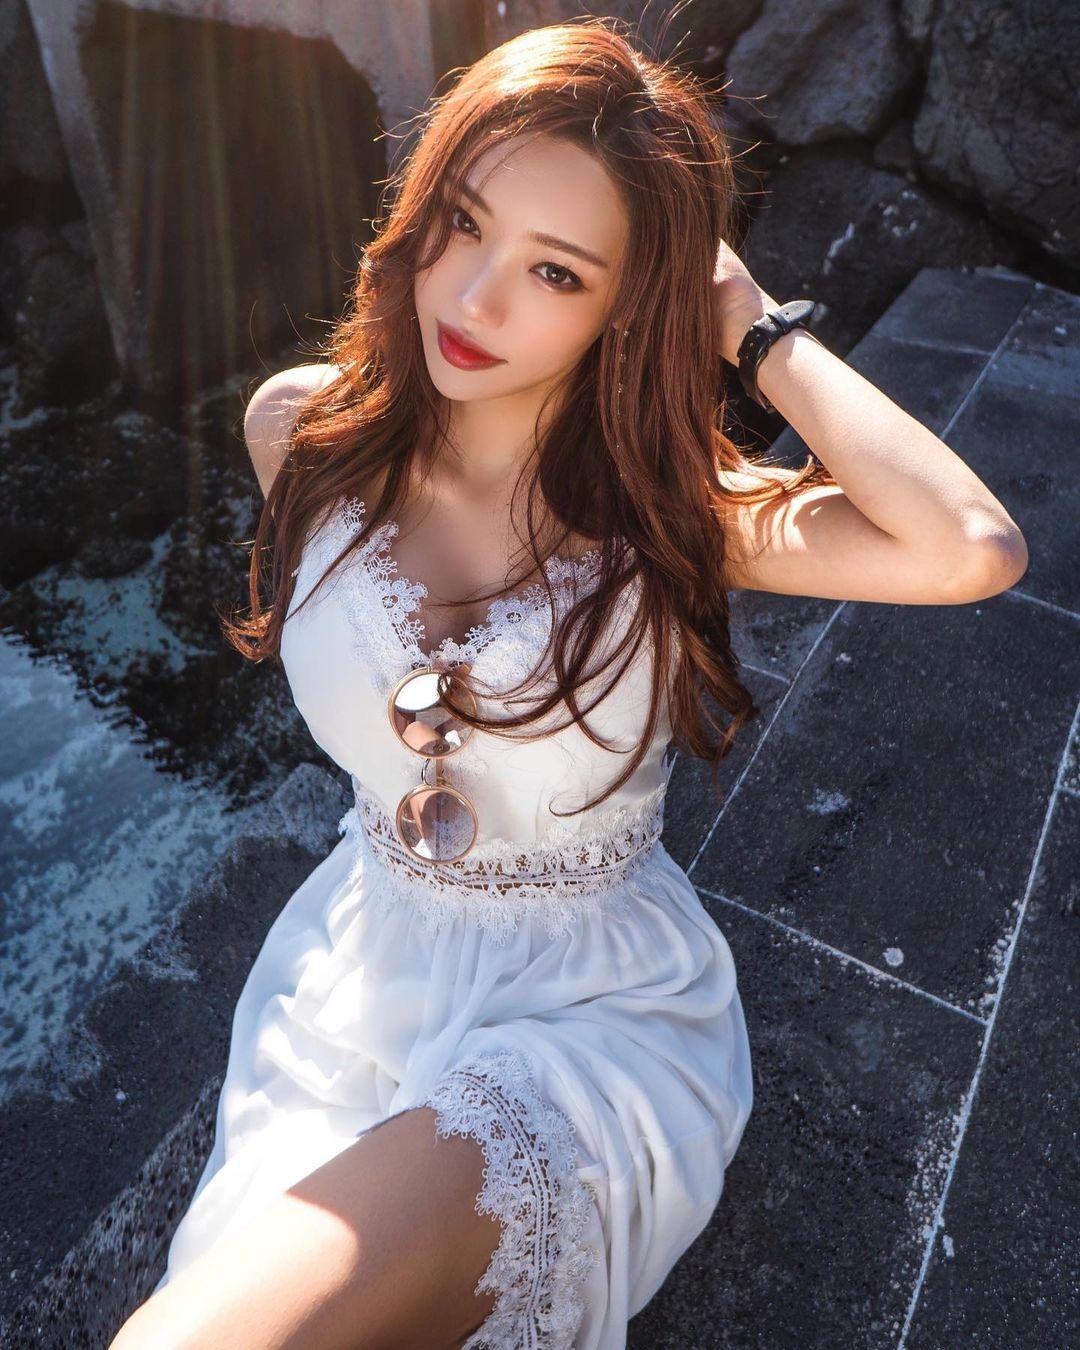 美艳气质姐姐쏘블리精致五官如仙女下凡纤细曼妙完美体态辣到喷火 网络美女 第5张